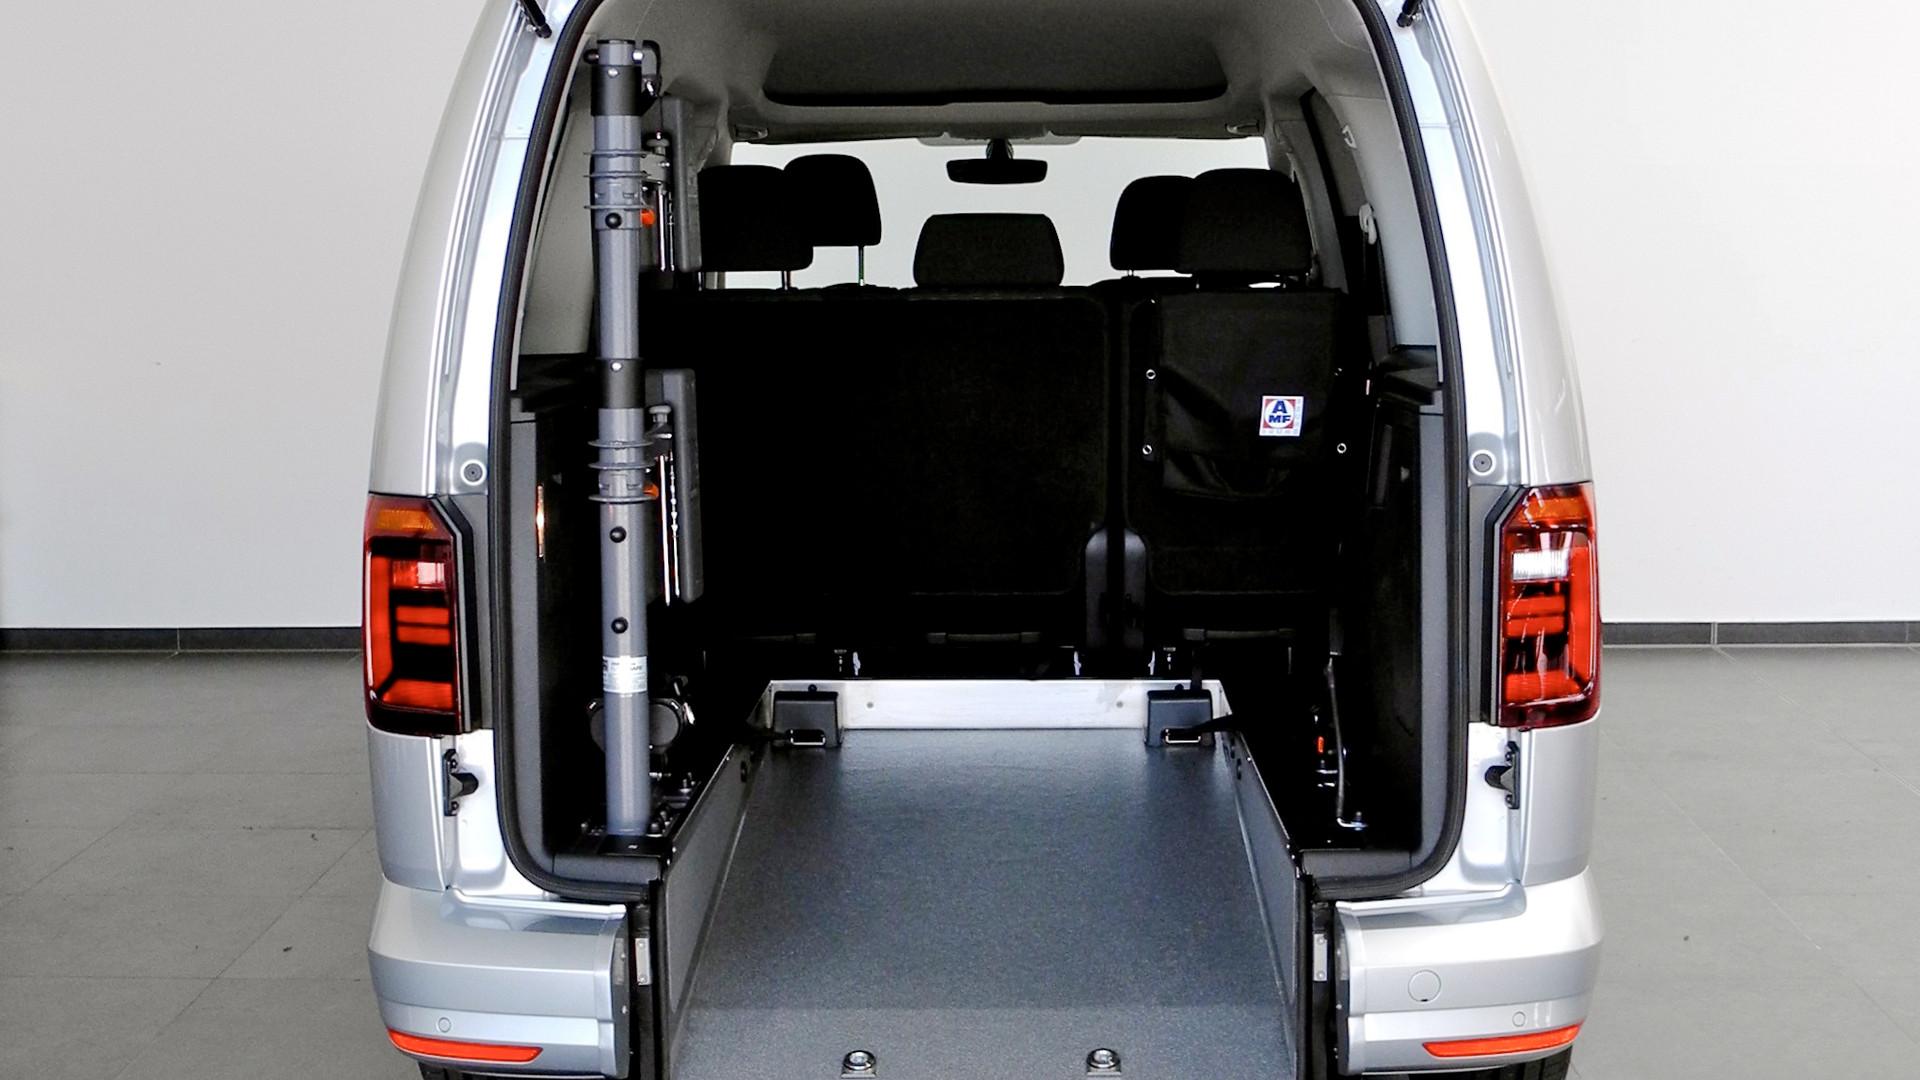 AMF-Bruns_VW Caddy Maxi (2).JPG